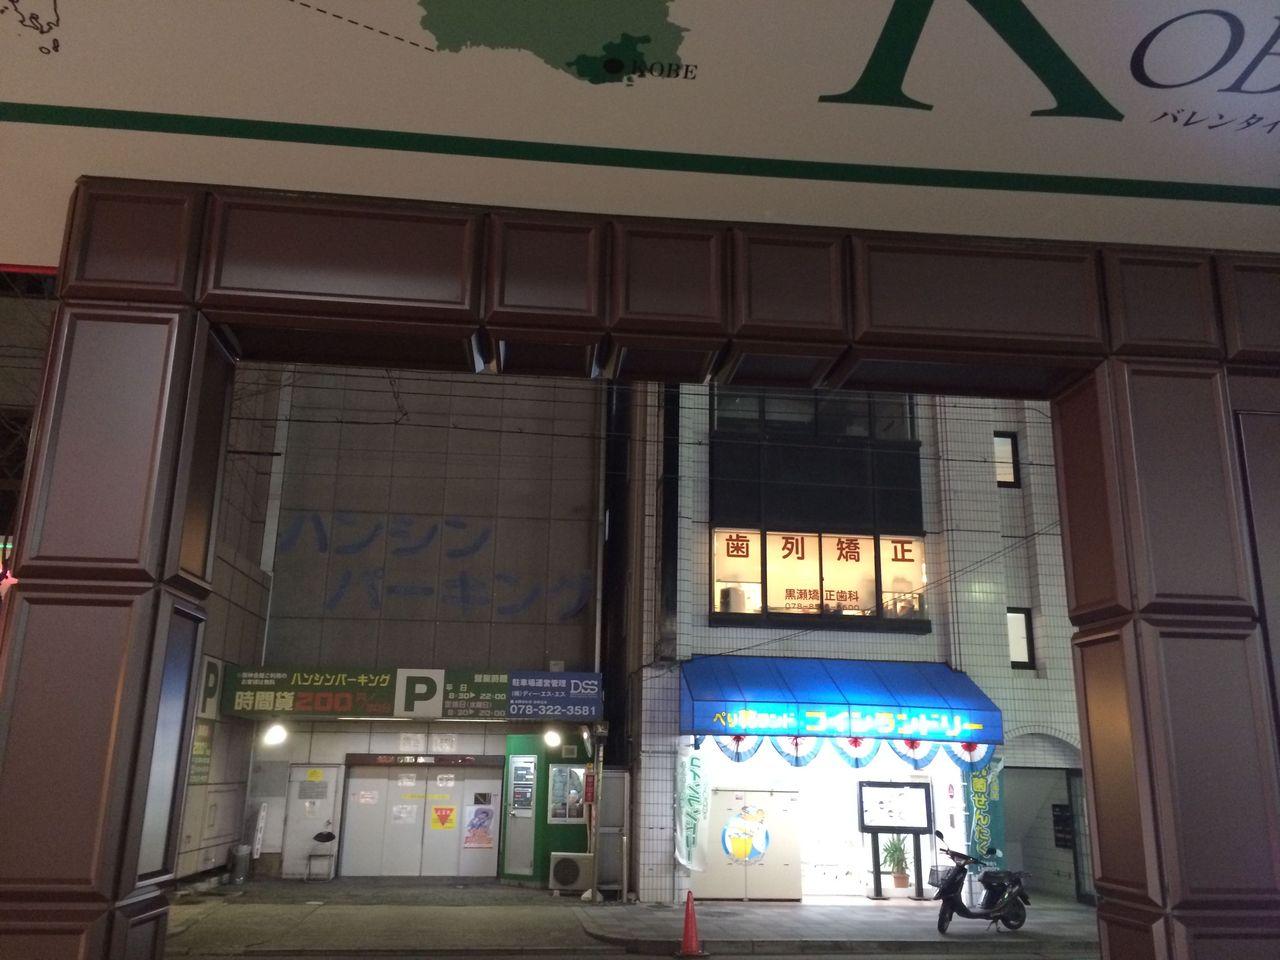 阪神御影BusStop-2